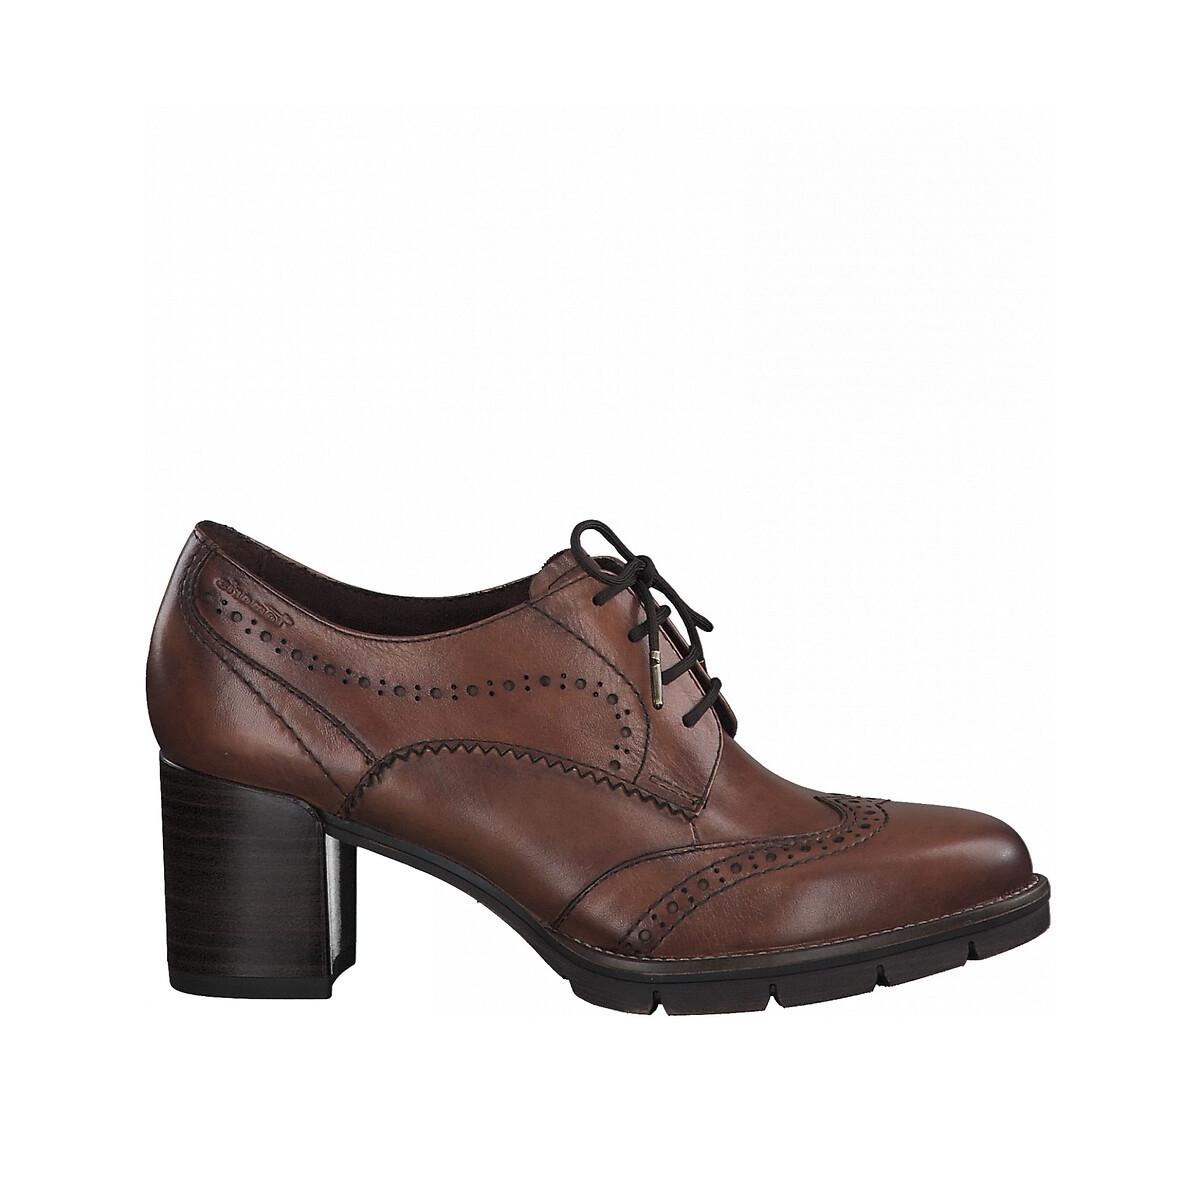 Ботинки LaRedoute Из кожи на каблуке 40 каштановый ботинки дерби из кожи teadale maira